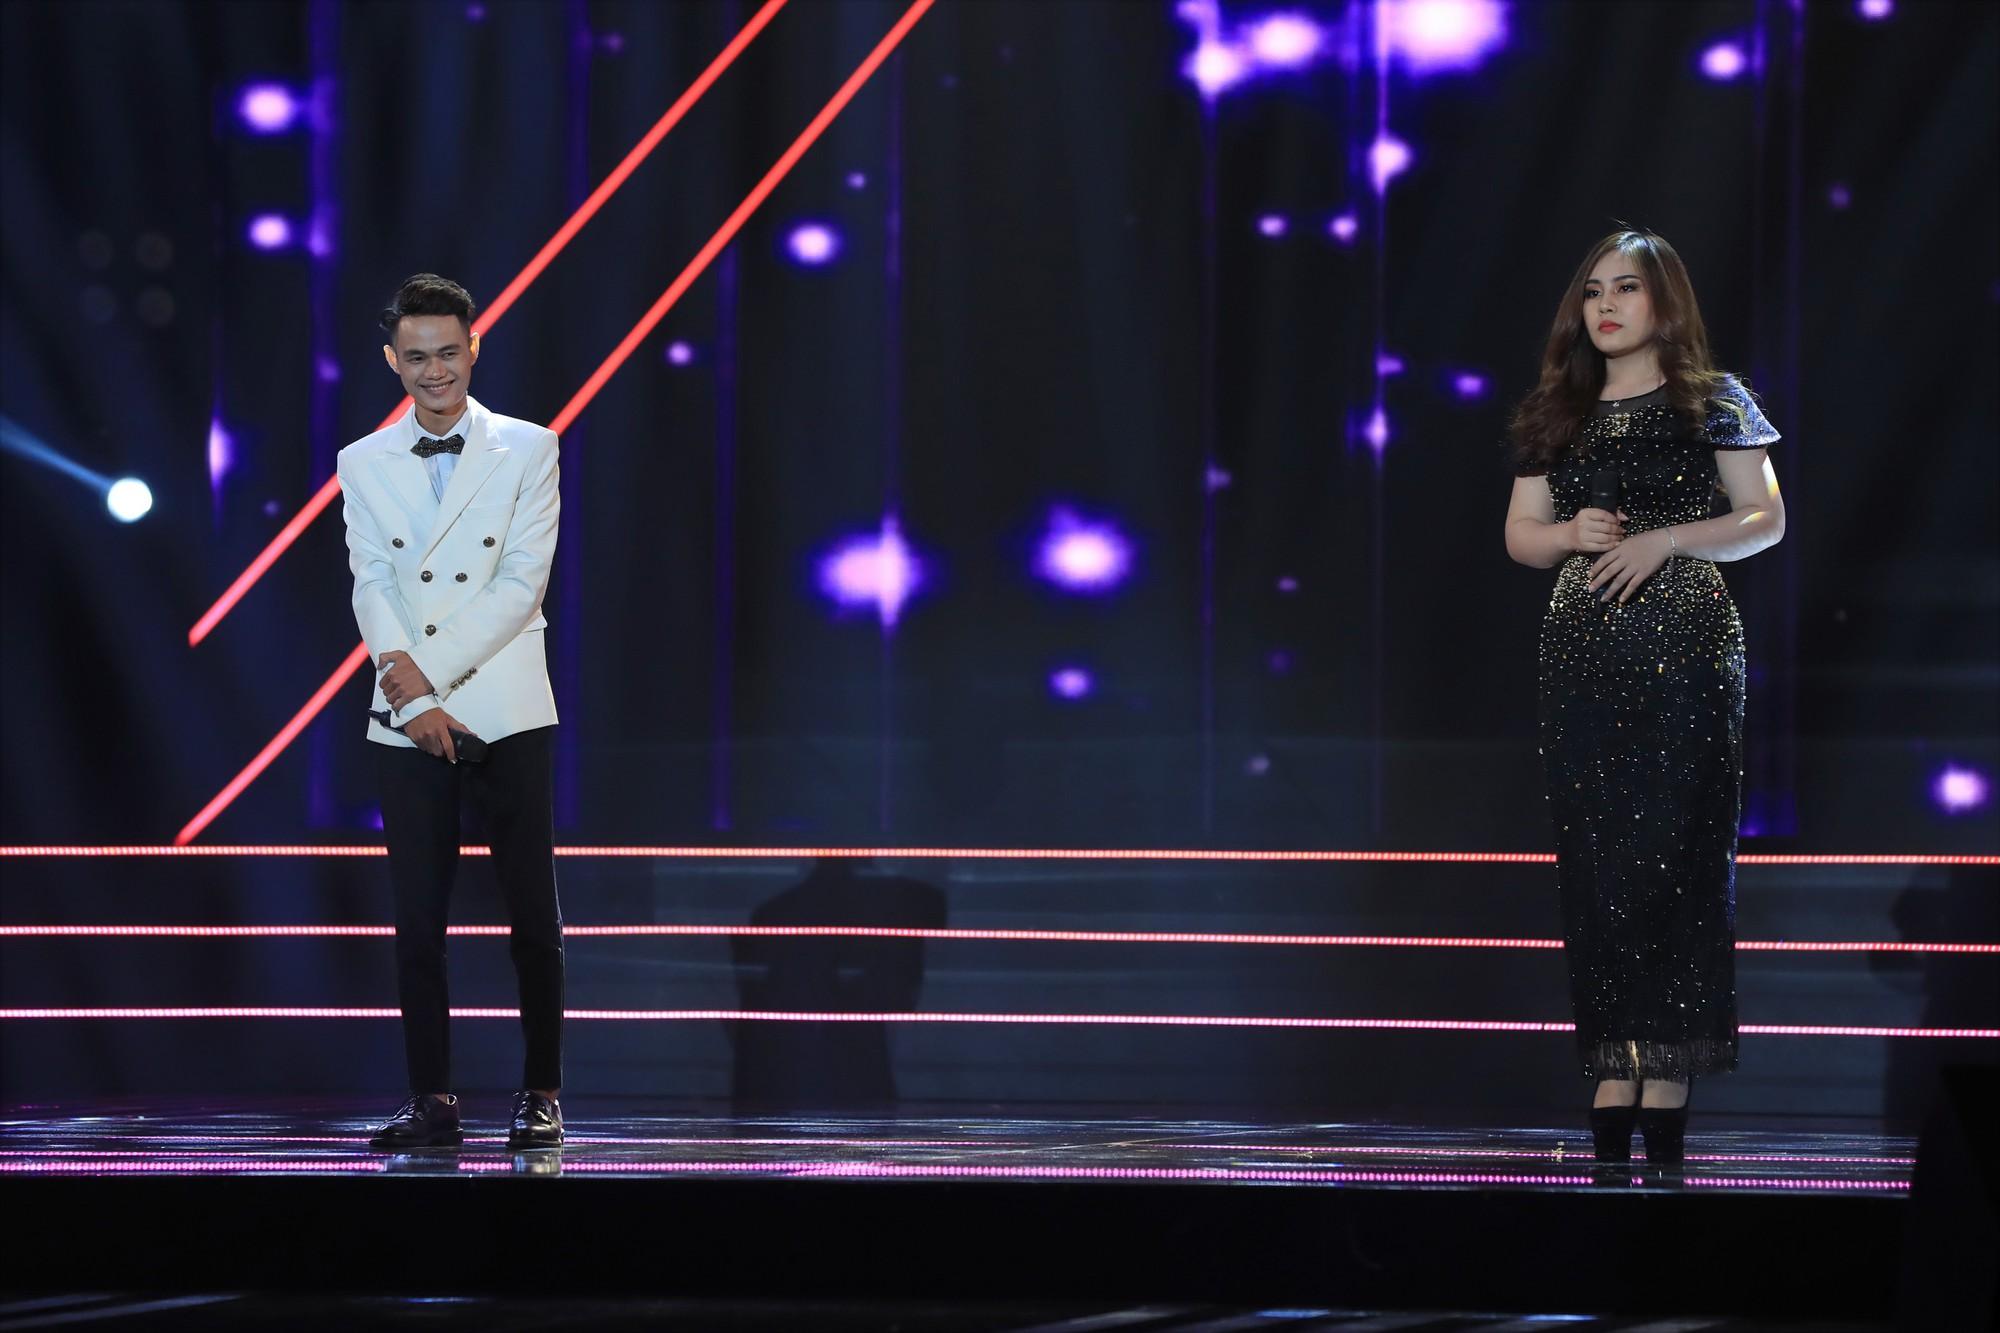 Trấn Thành khoe giọng trên sân khấu nhưng khán giả chỉ chú ý tới... chiếc quần của anh - Ảnh 10.